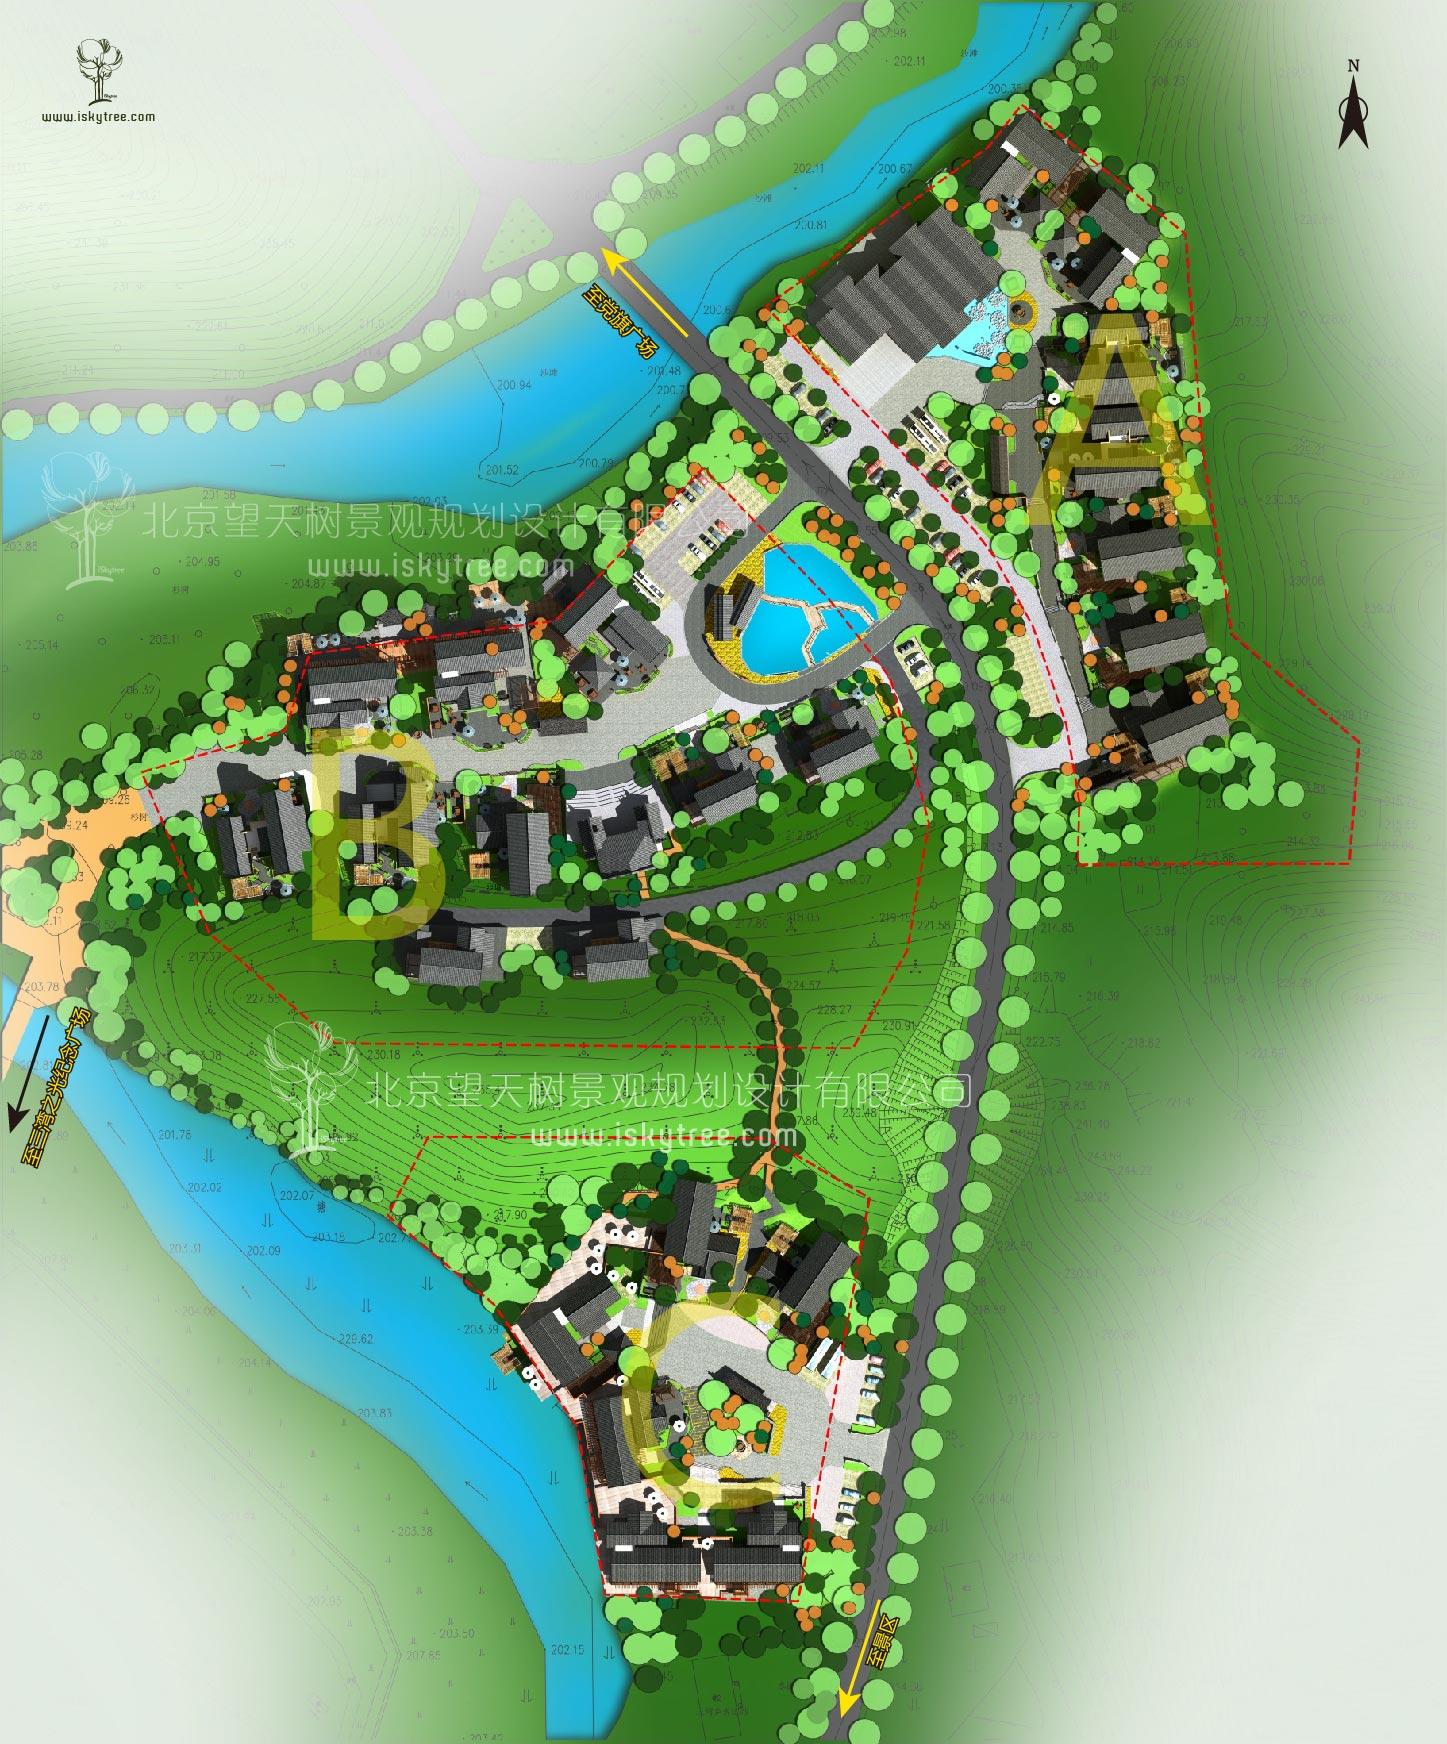 休闲乡村qy188千赢国际总体规划设计空间布局图